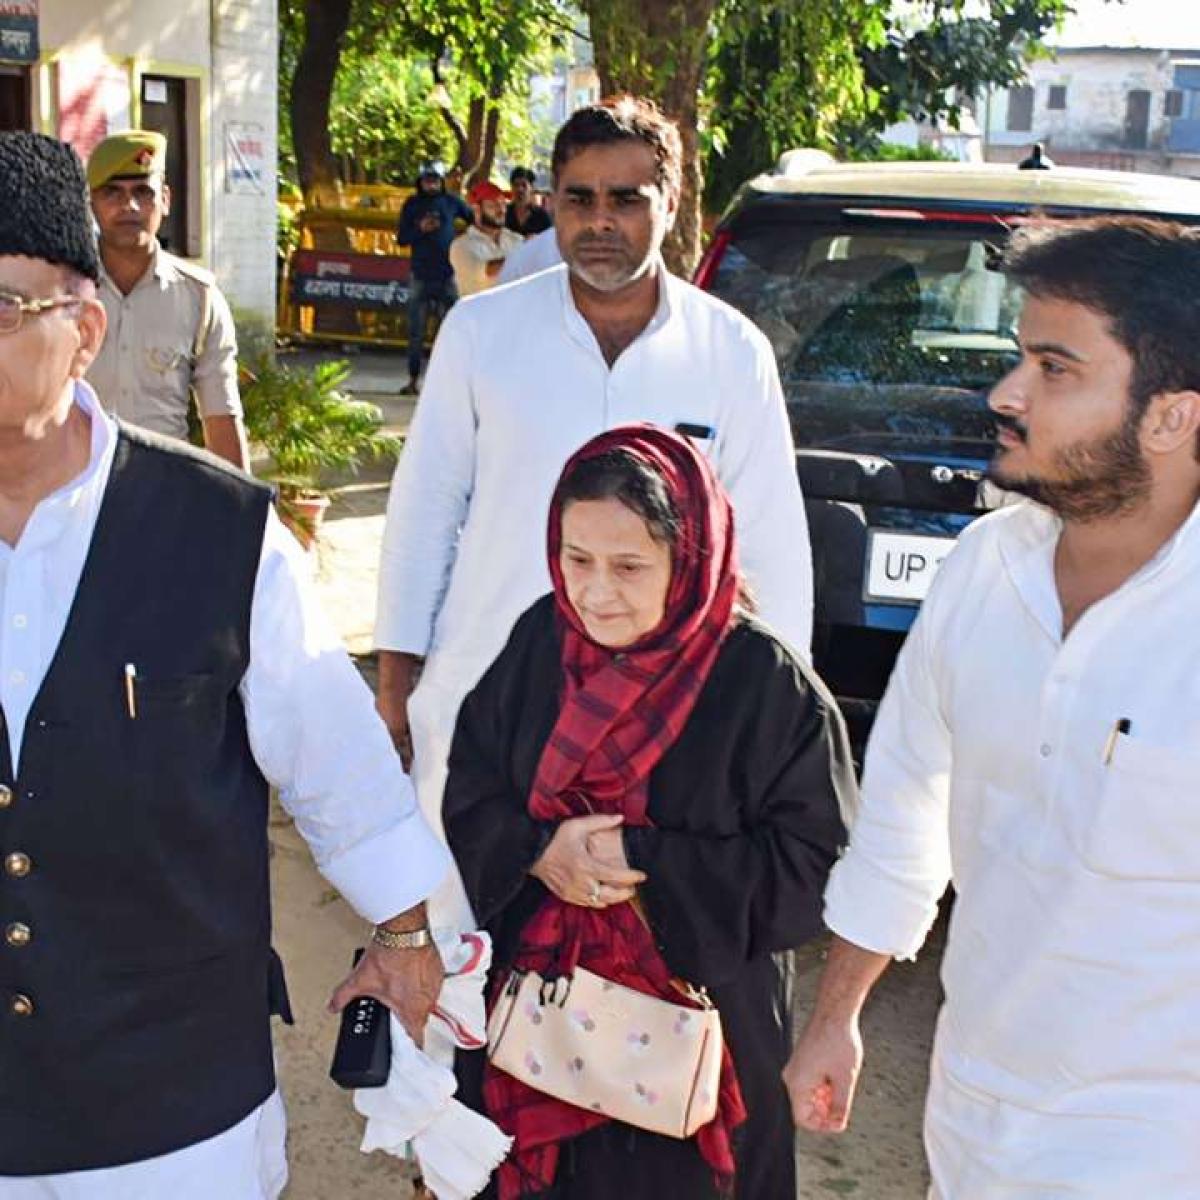 Court rejects Azam Khan's plea seeking stay in Rampur jail till March 3